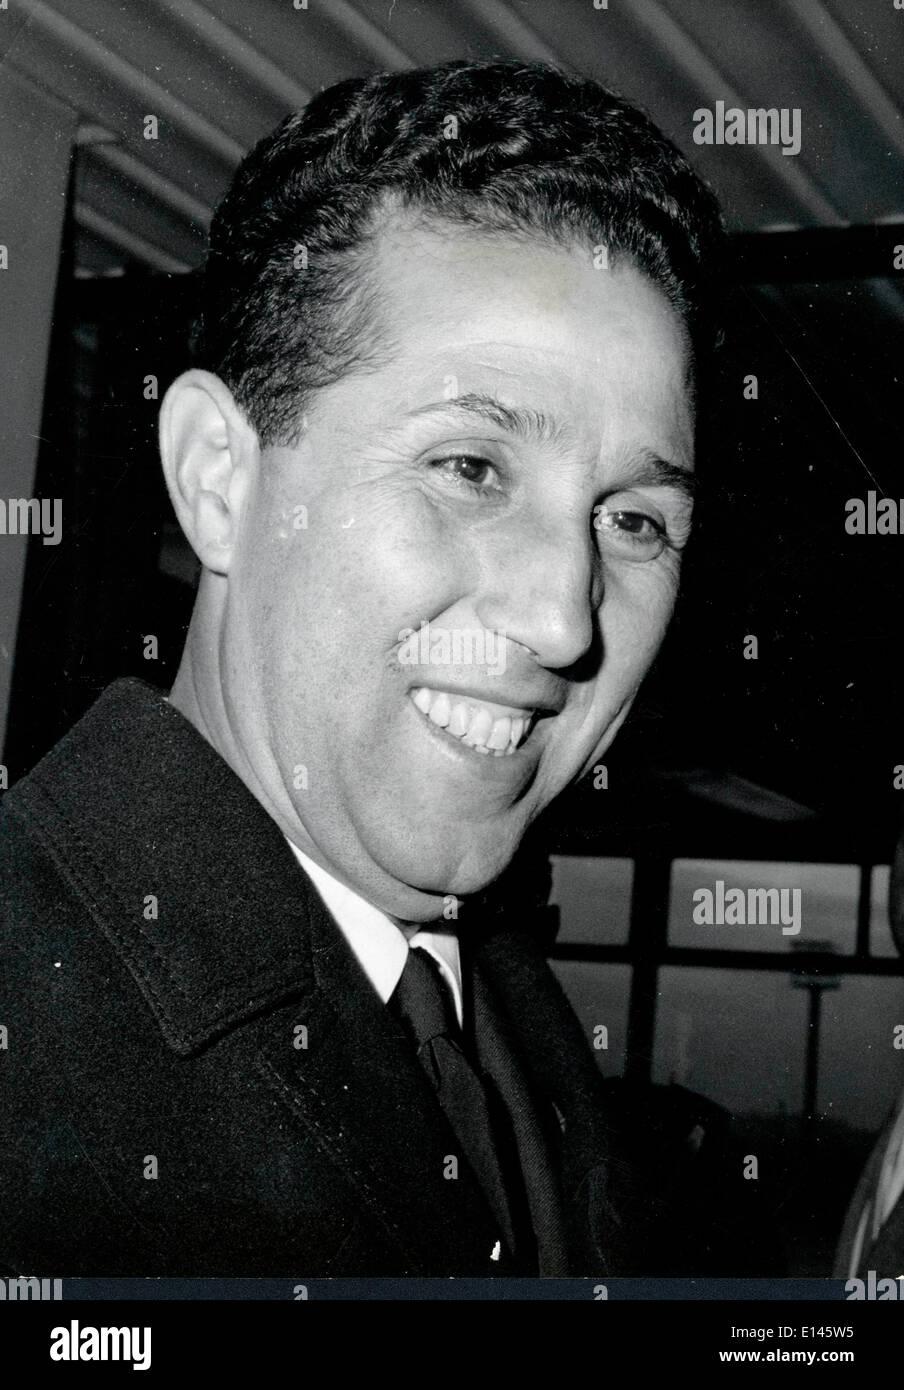 Archivo - Ahmed Ben Bella, 25 de diciembre de 1918 - 11 de abril de 2012 que fue un miembro clave de la revolución Foto de stock